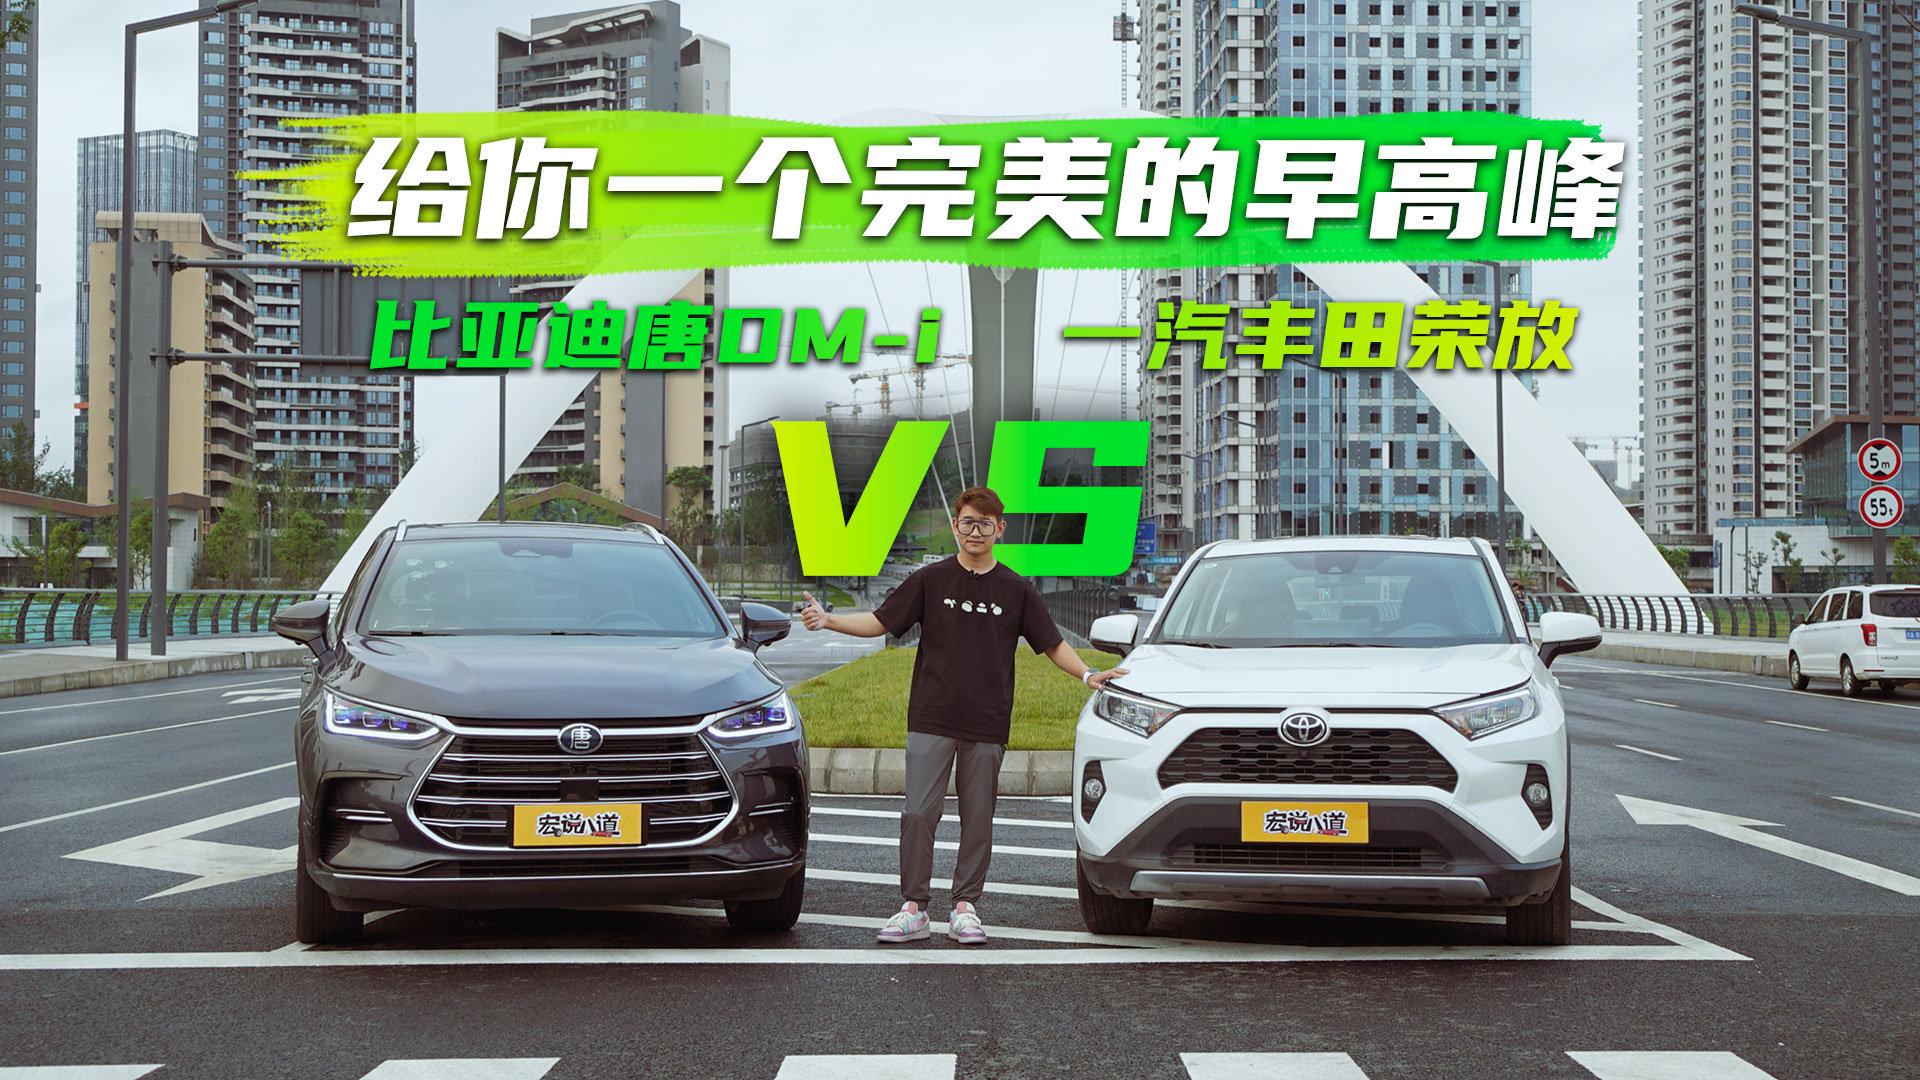 视频:给你一个完美早高峰 比亚迪唐DM-i VS 一汽丰田荣放……